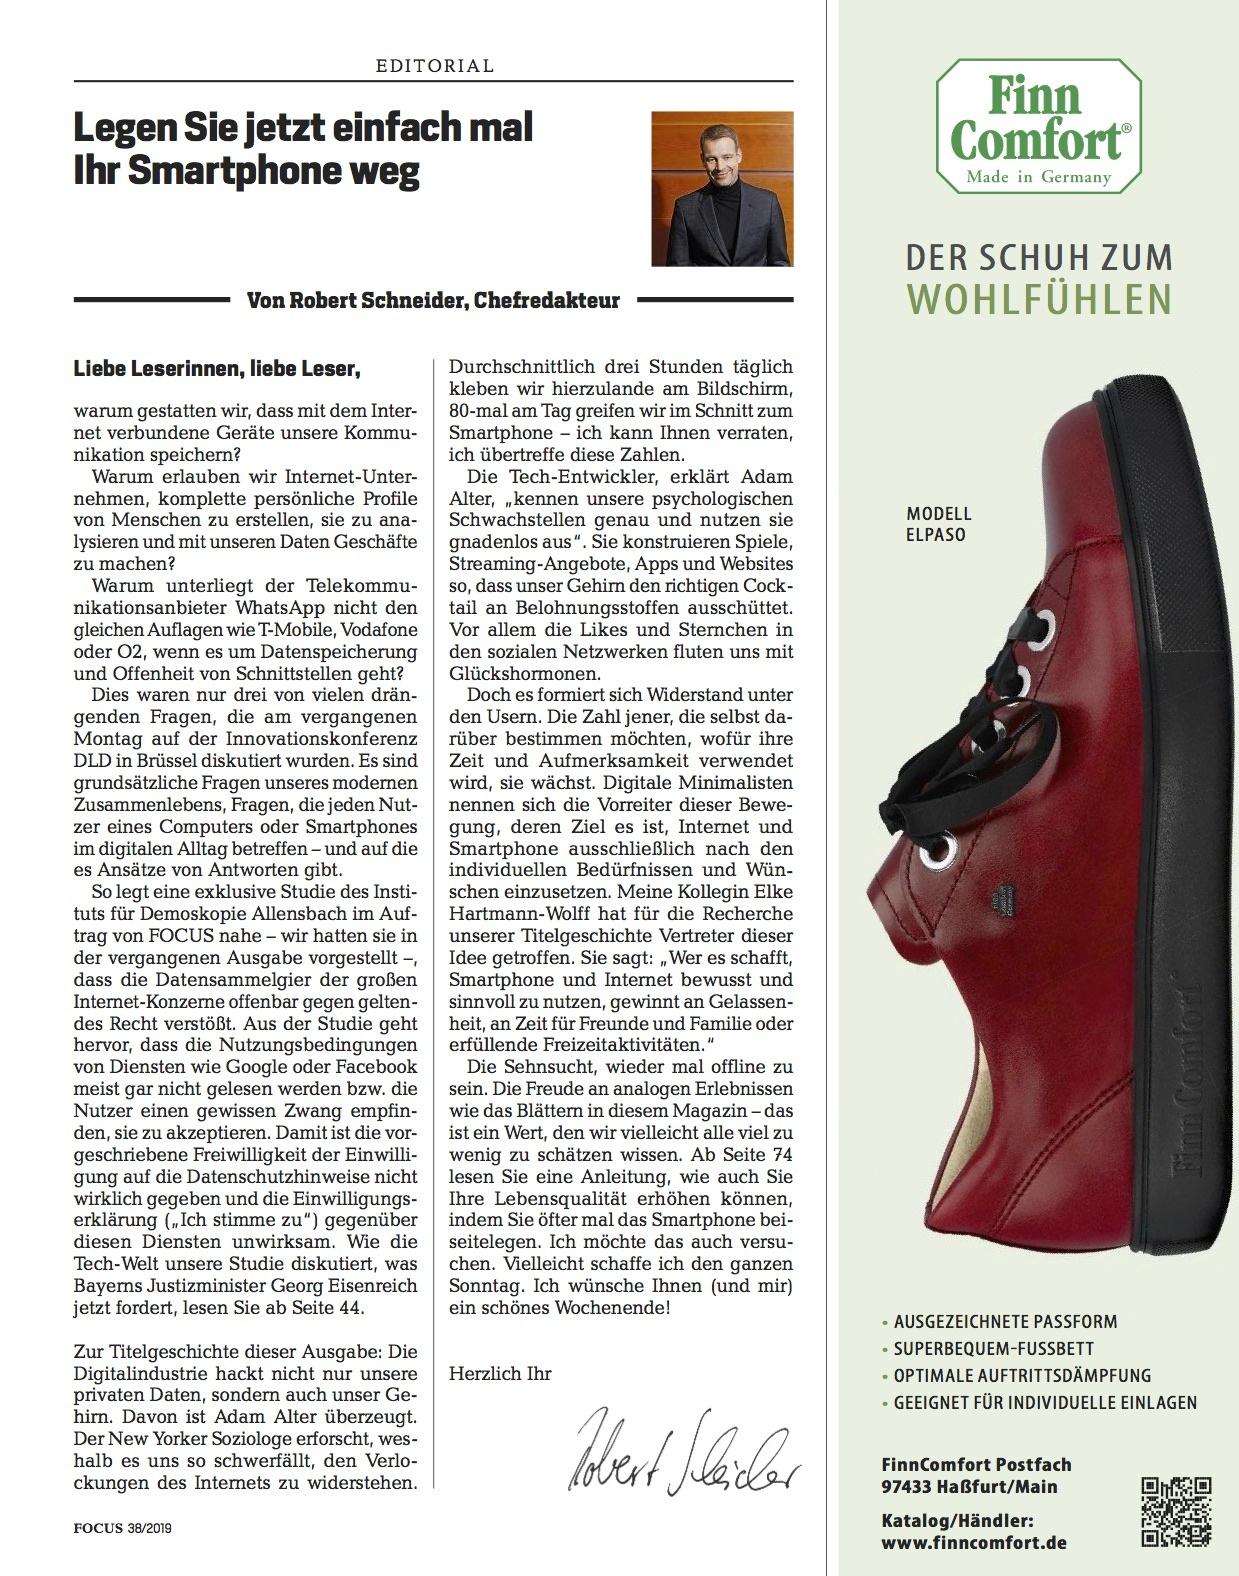 FOCUS Magazin FOCUS Magazin - Was das Leben leichter macht